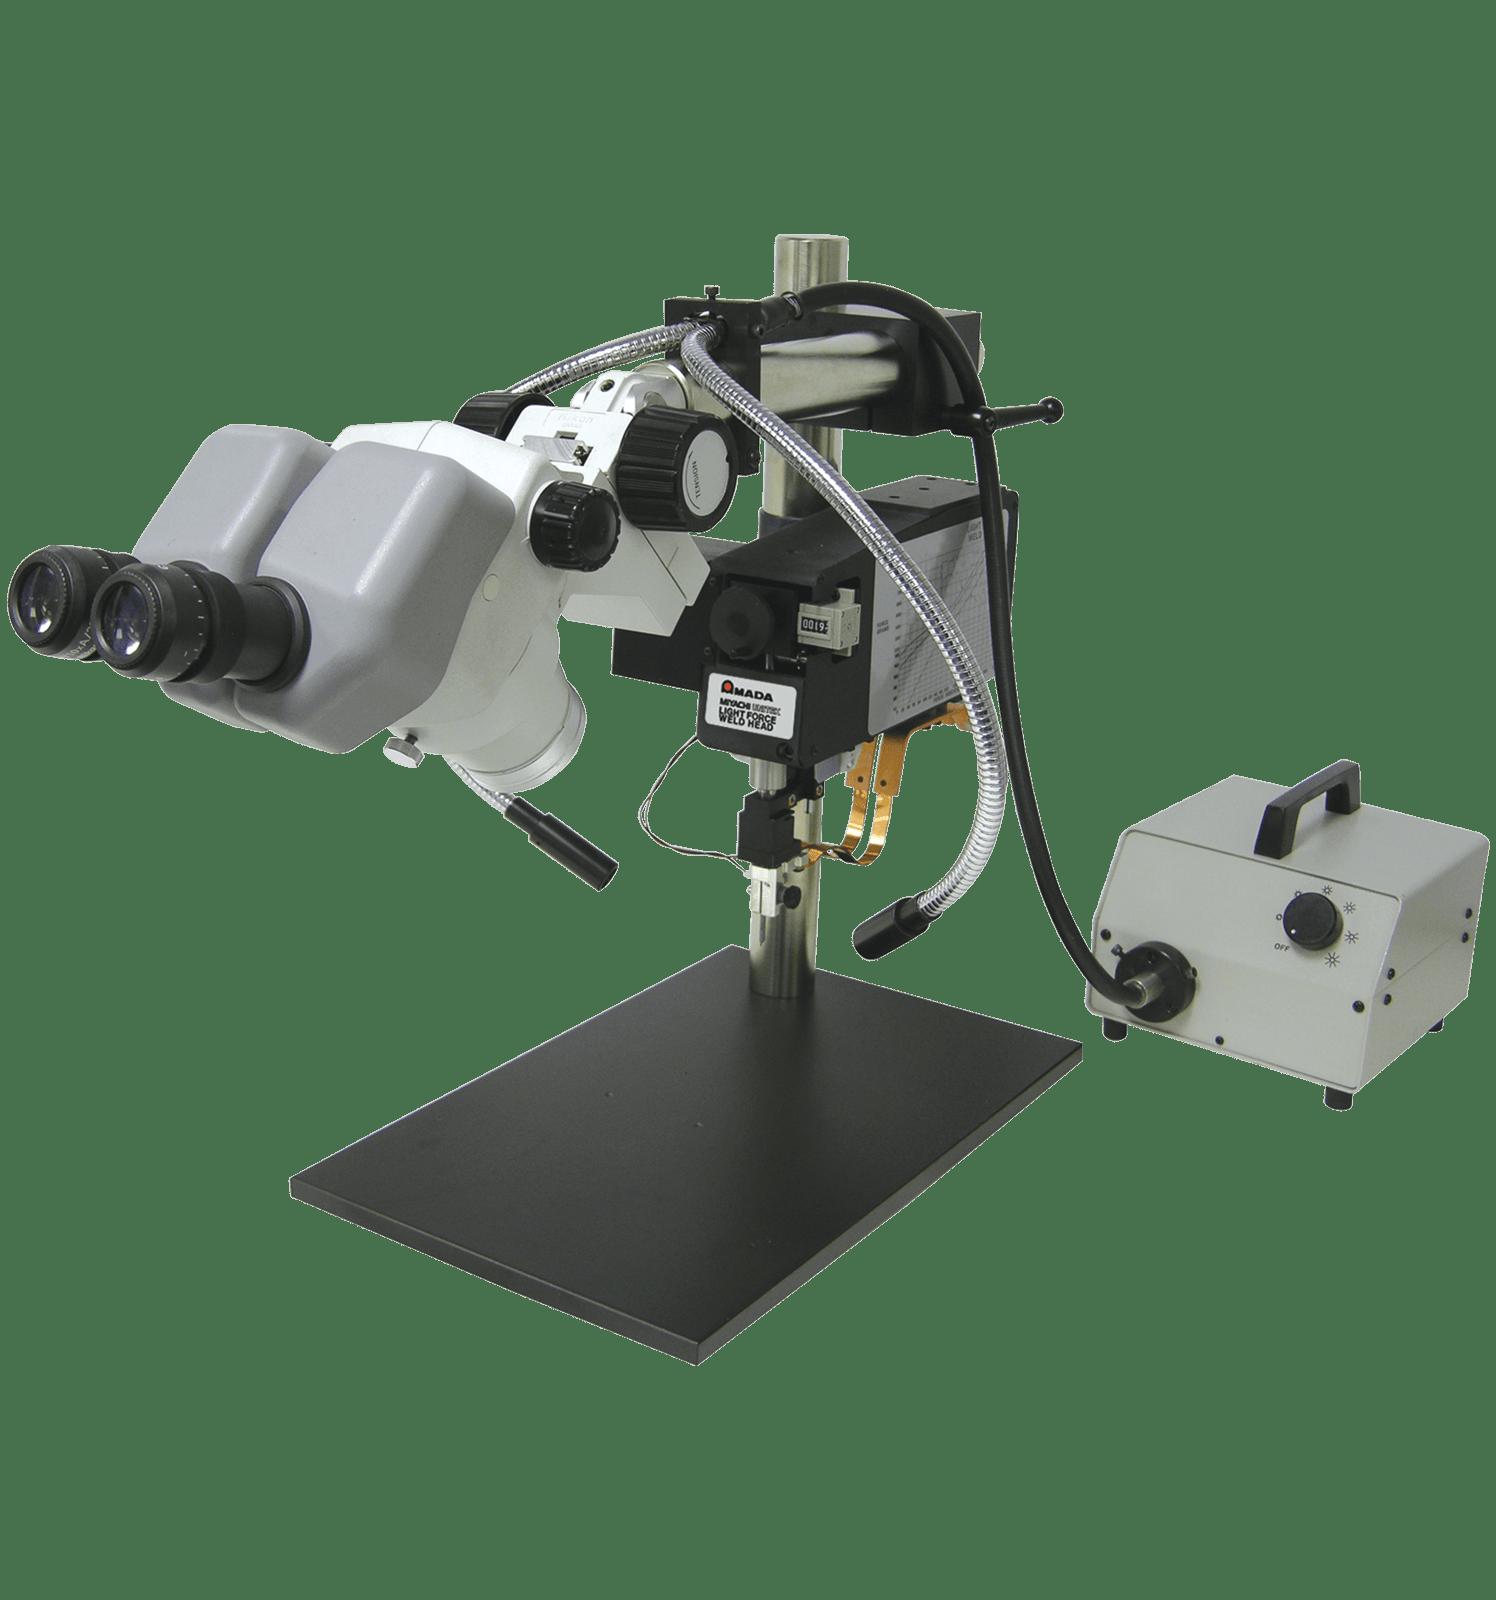 LT-050B-A/24 Light Force Pneumatic Weld Head - Parallel Gap Electrodes